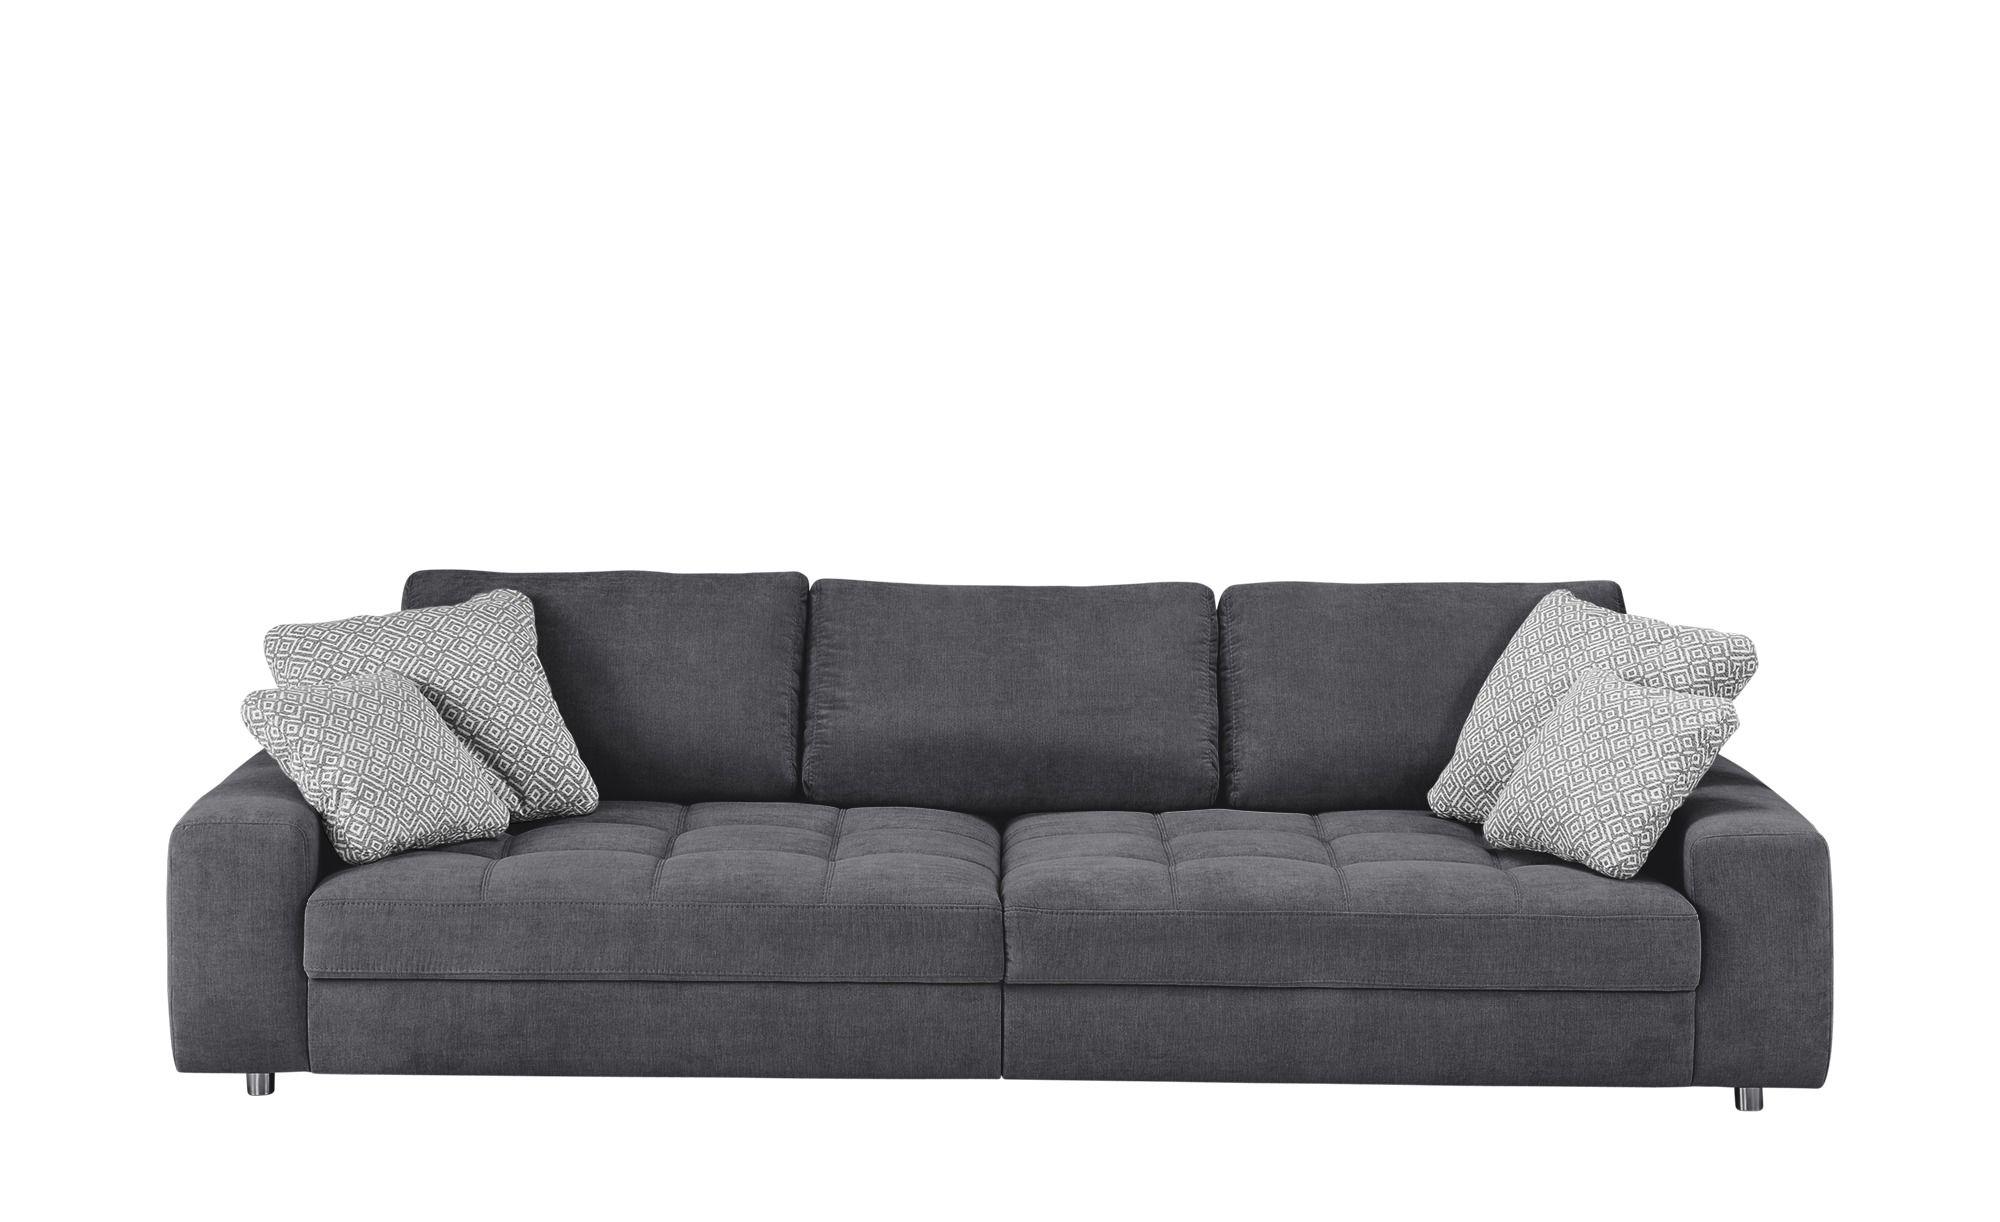 Full Size of Big Sofa Kaufen Marken Wk 2 Sitzer Weiß Mit Elektrischer Sitztiefenverstellung Modulares Gebrauchte Küche U Form Reiniger Langes 3 Teilig Sofa Big Sofa Kaufen